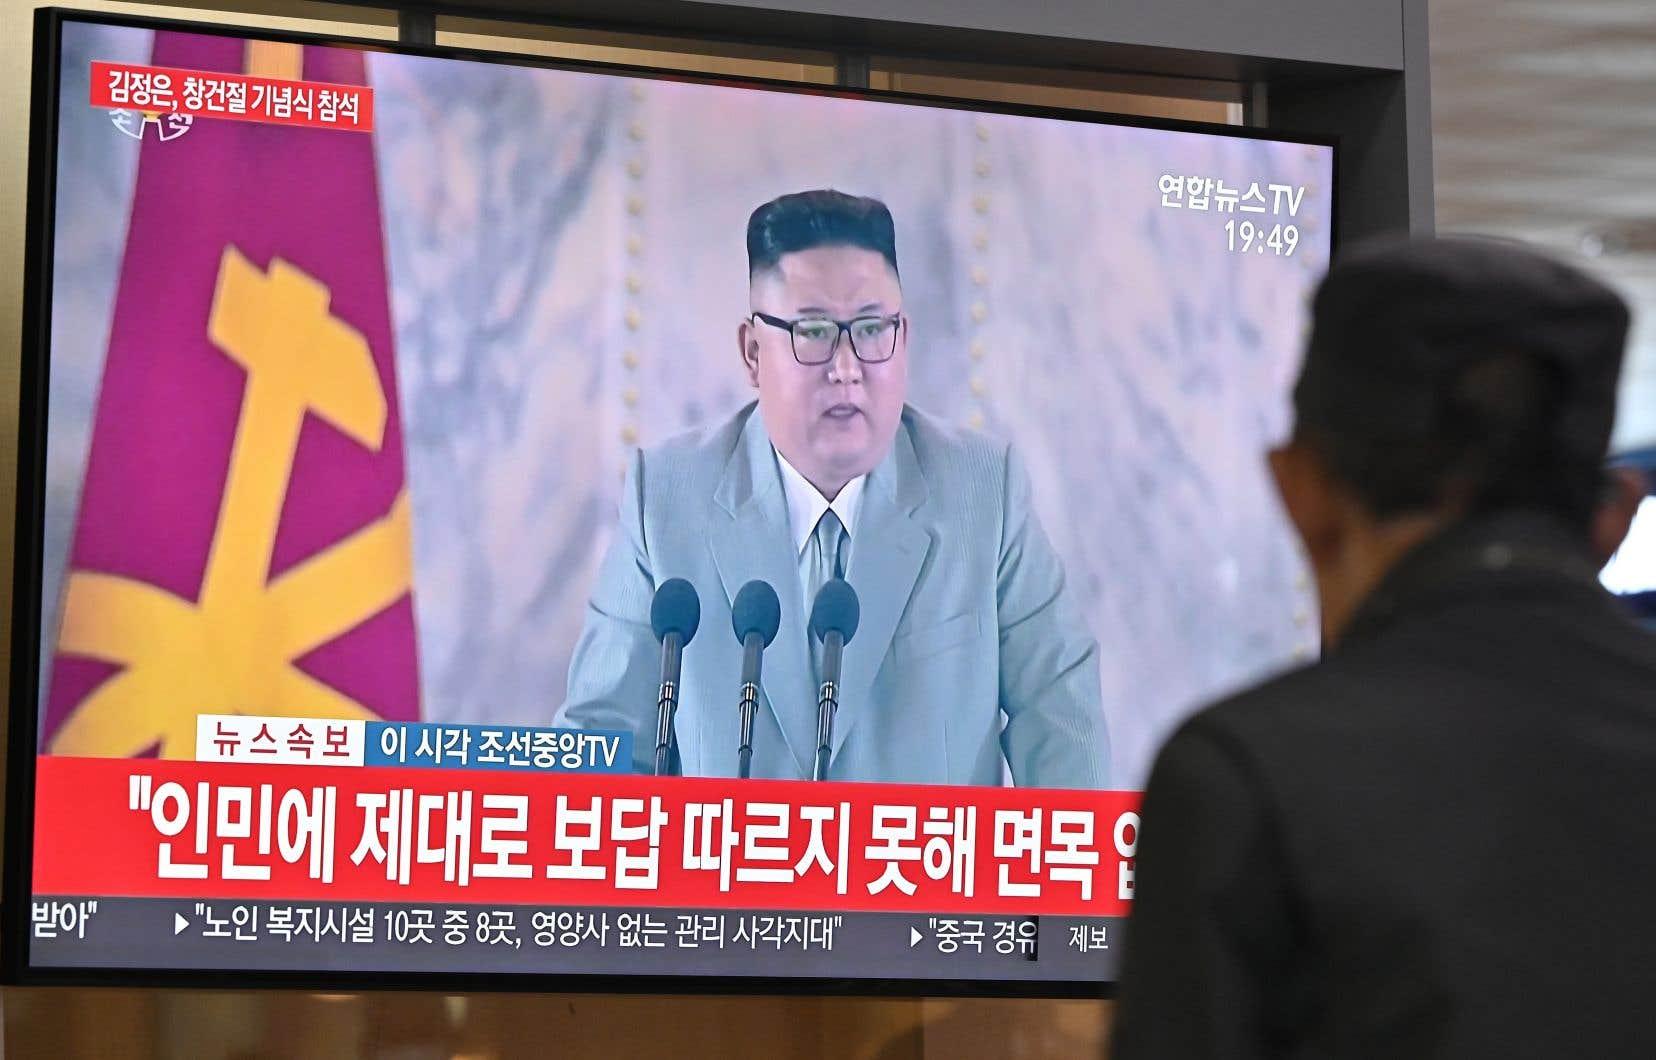 Le défilé (ici diffusé à Séoul) était organisé à l'occasion du 75eanniversaire de la fondation du Parti des travailleurs, au pouvoir dans le pays doté de l'arme nucléaire.